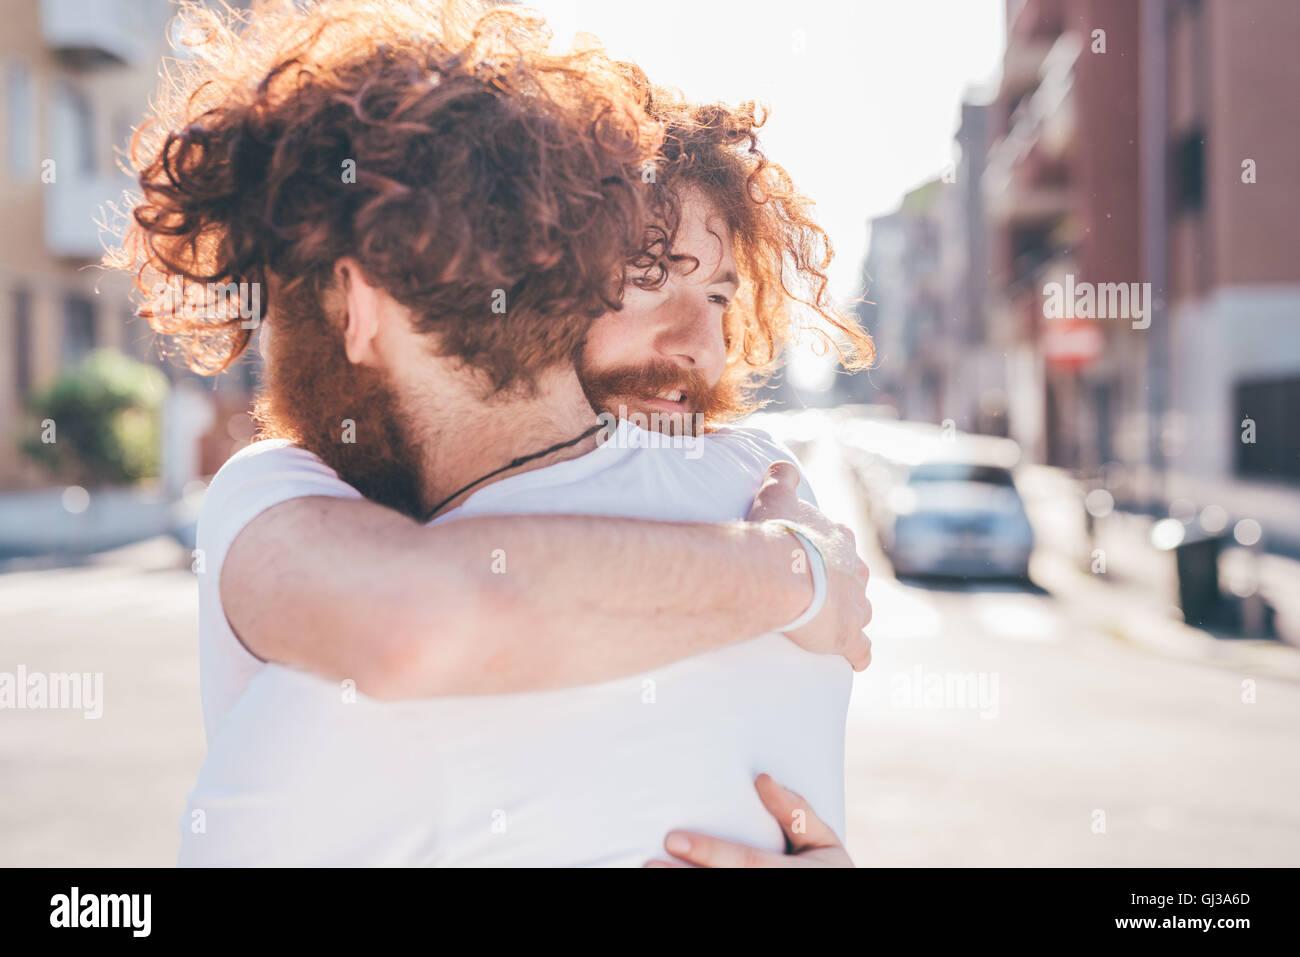 Junge männliche Hipster Zwillinge mit dem roten Haar und Bärte auf Stadtstraße umarmt Stockbild